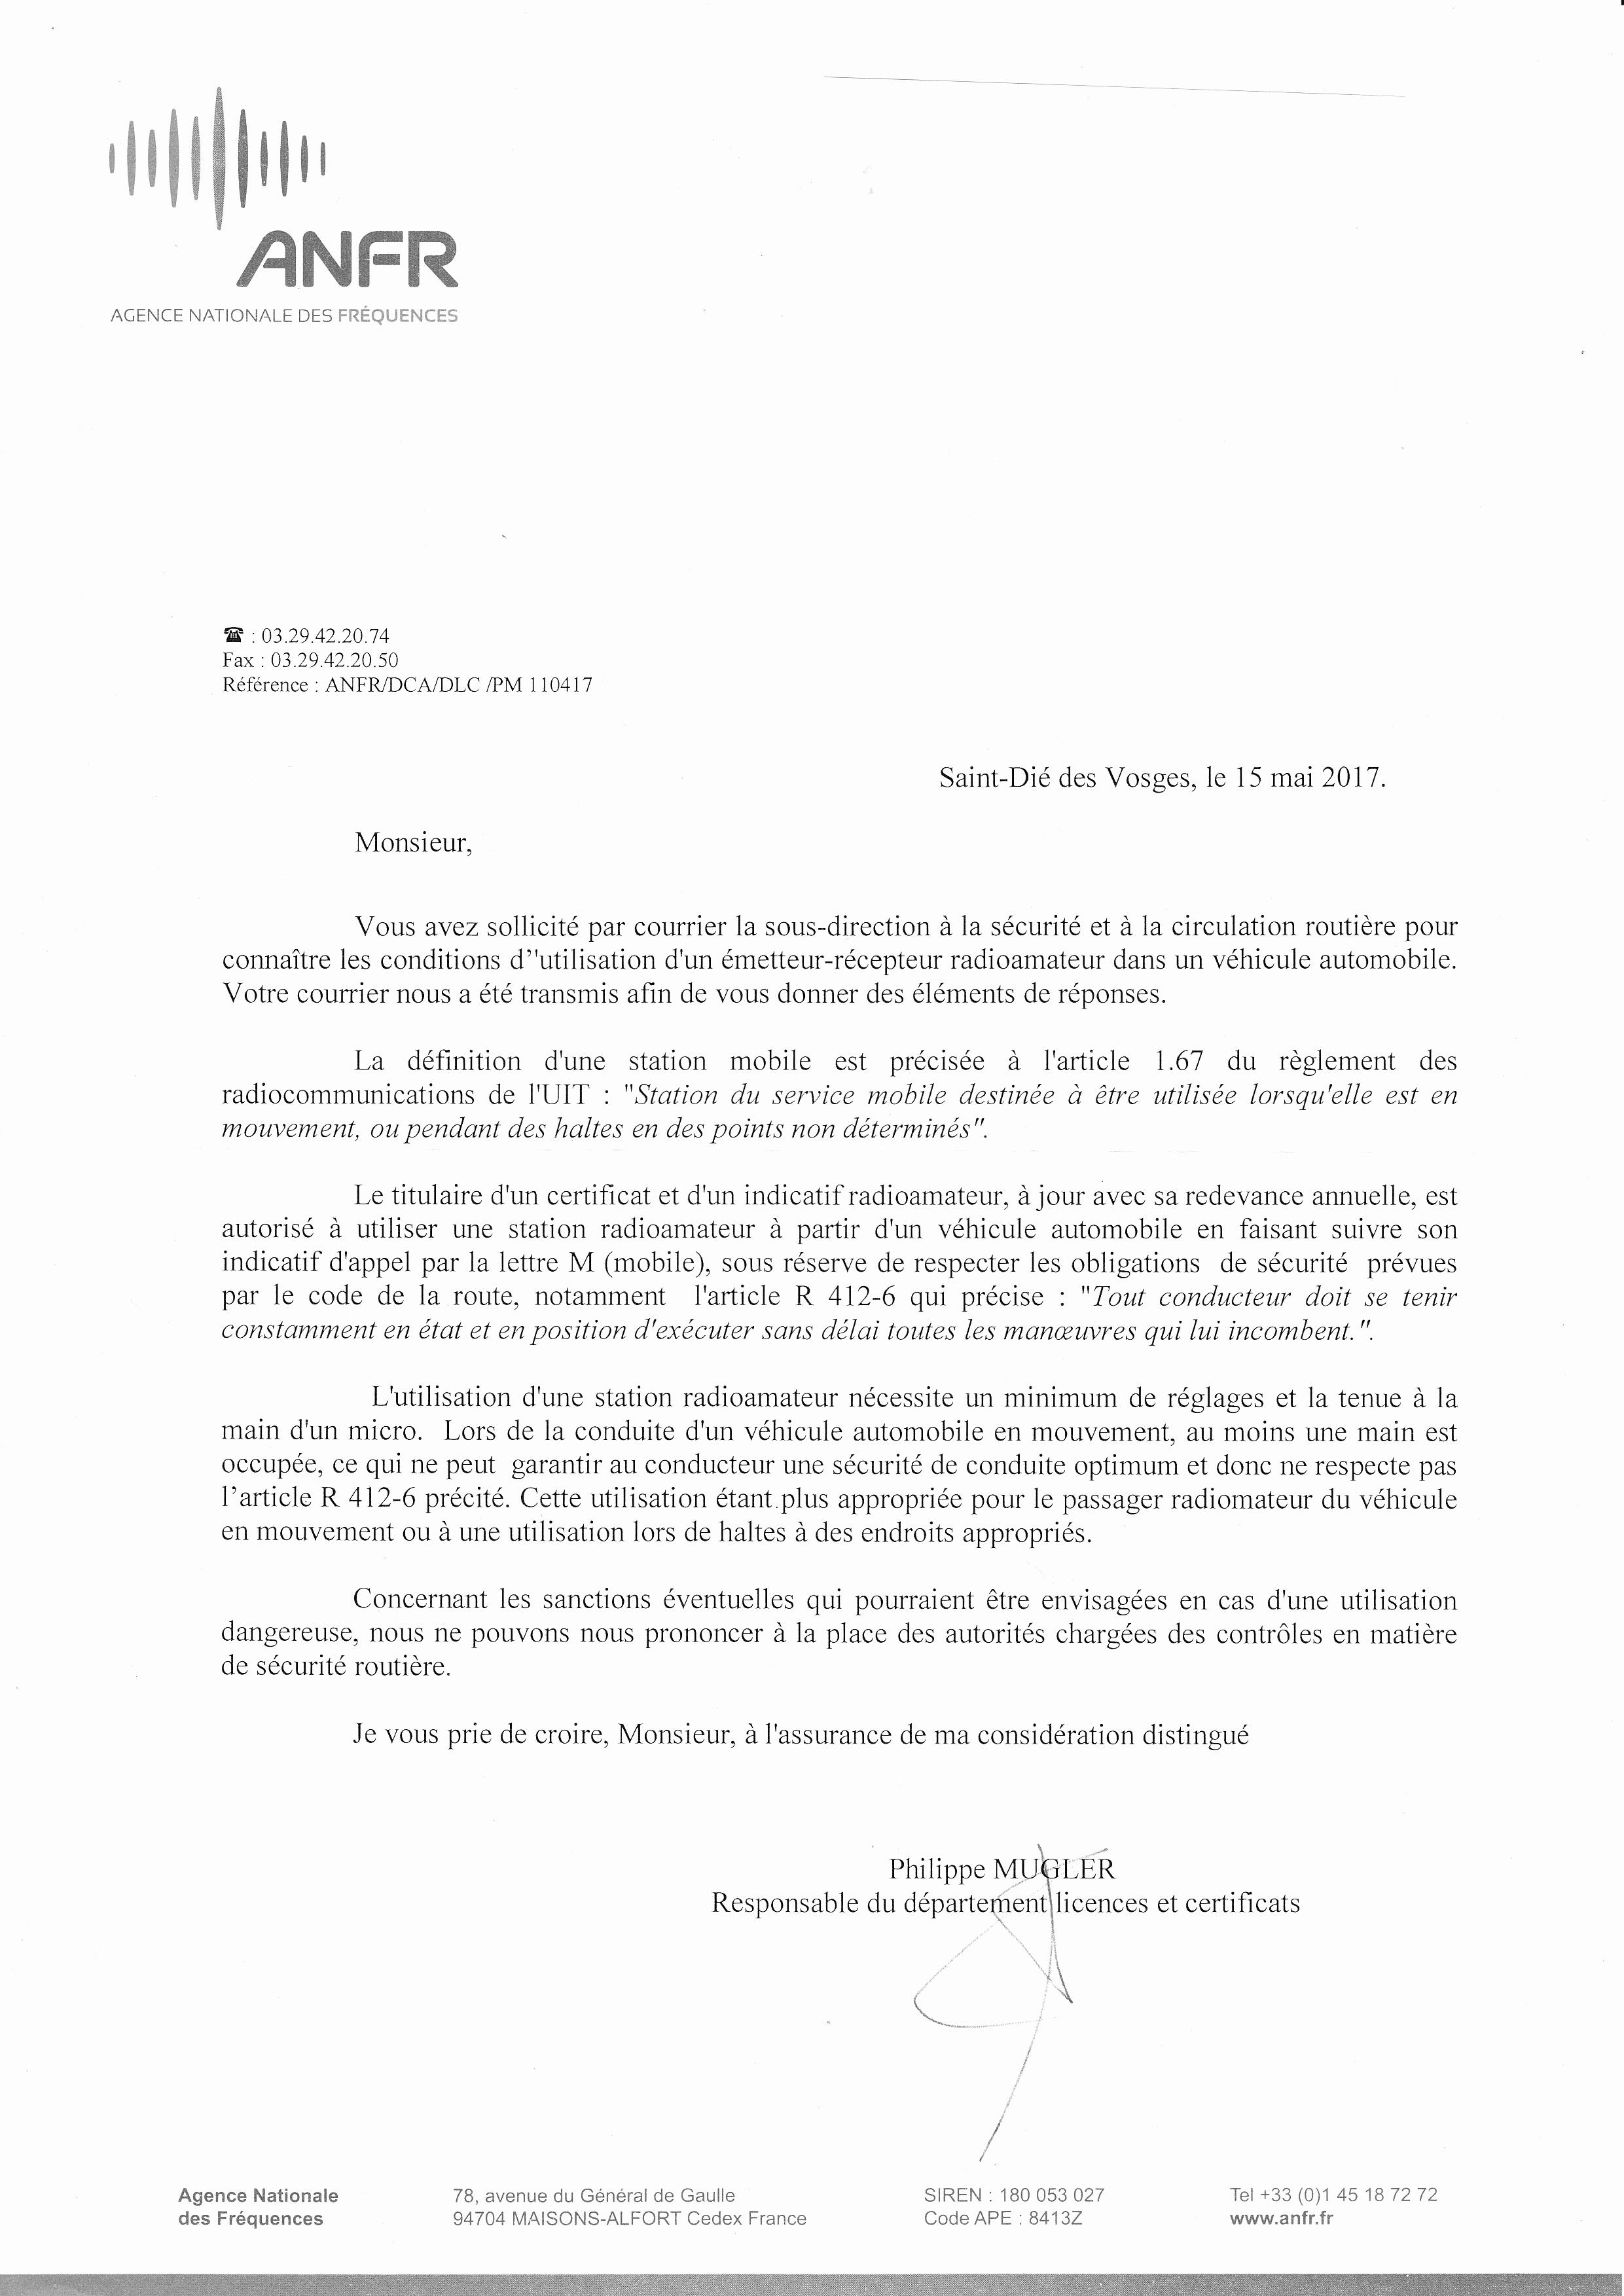 Trafic radioamateur en mobile et réglementation française - Réponse de l' ANFR ANFR_conduite_mobile_micro